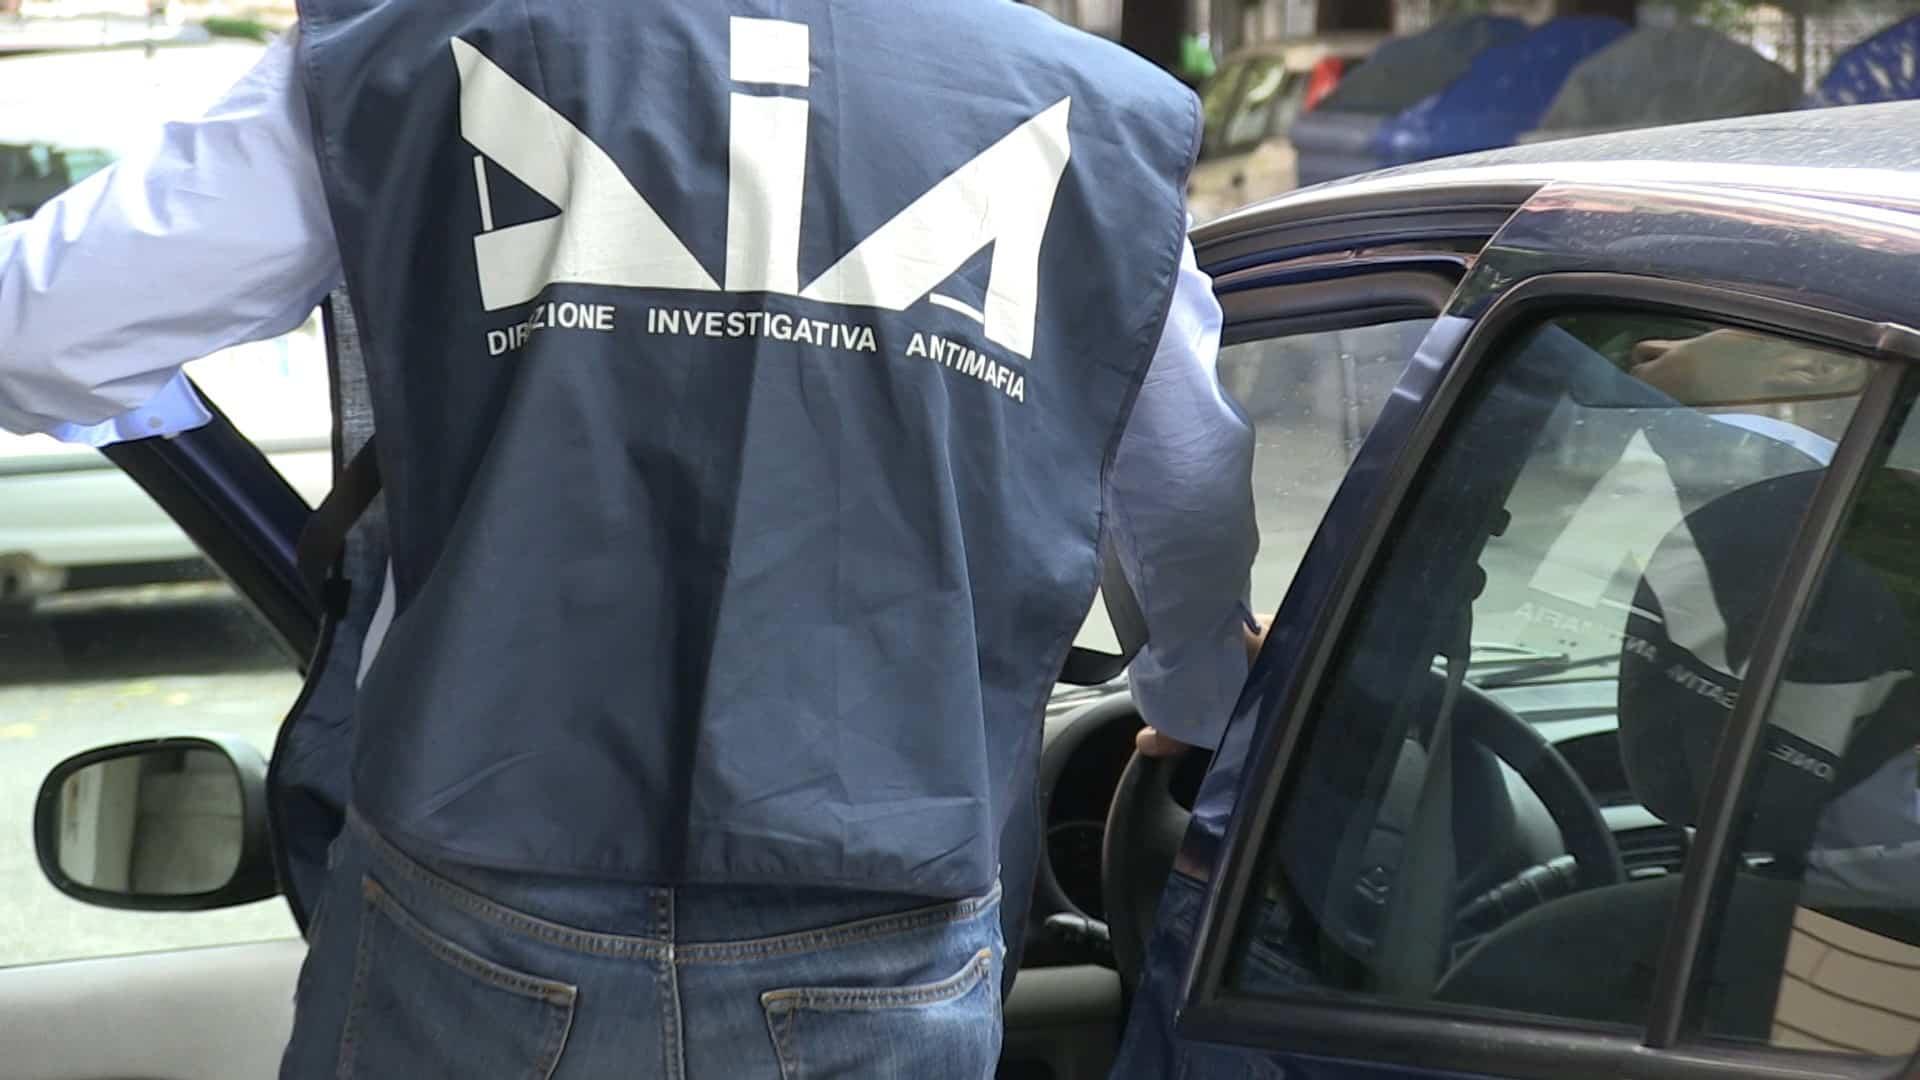 Sequestro da 12 milioni di euro per un imprenditore siciliano: dal patto con la polizia ai rapporti mafiosi